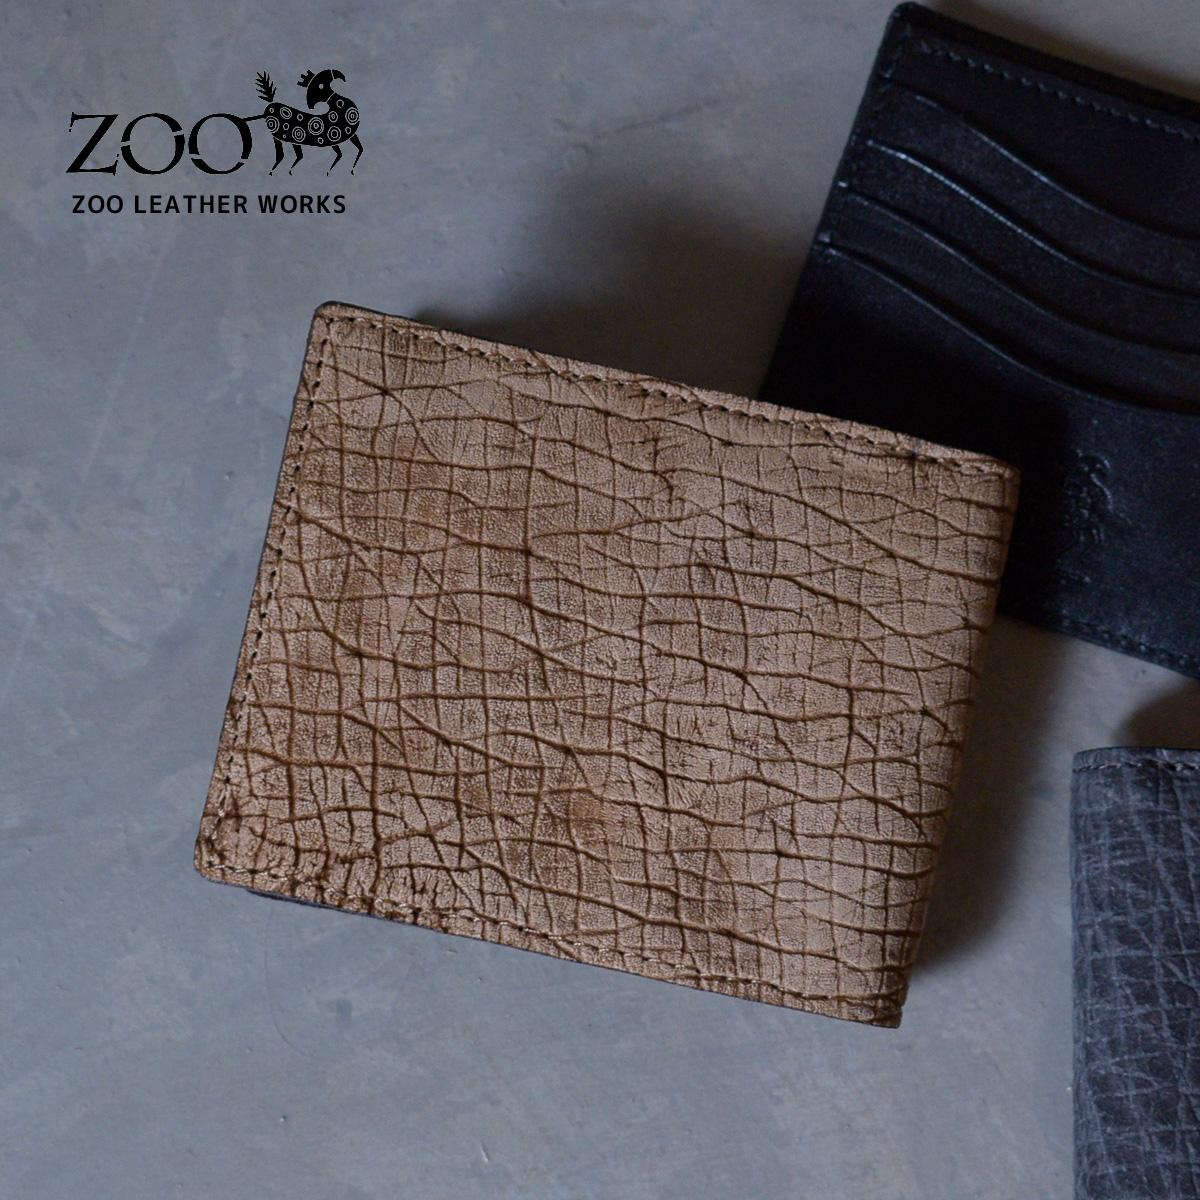 ZOO(ズー) メンズ ヒポポタマス カバ革 二つ折り財布 2折財布 zbf-009